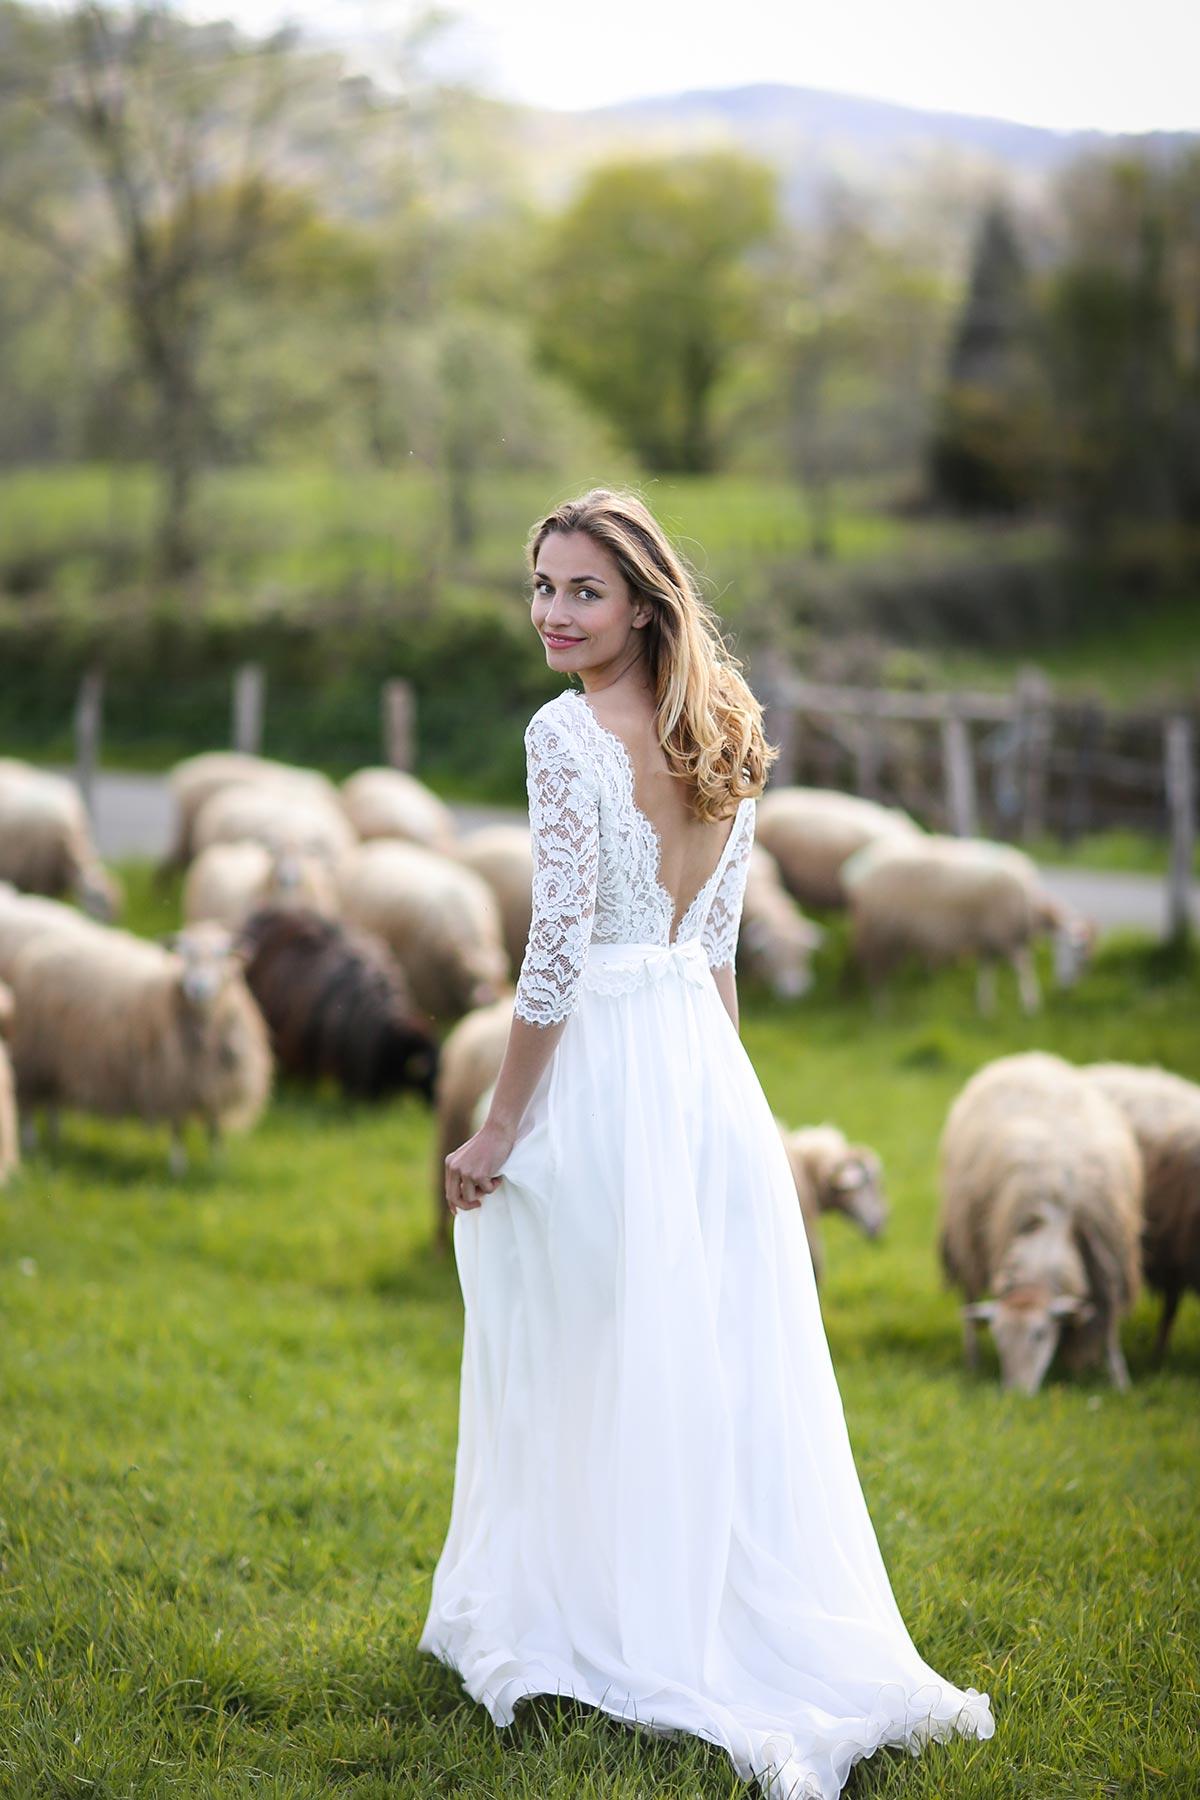 Robe De Mariee D Occasion L Alternative Canon Pour Trouver Sa Merveille Felicte Mariage